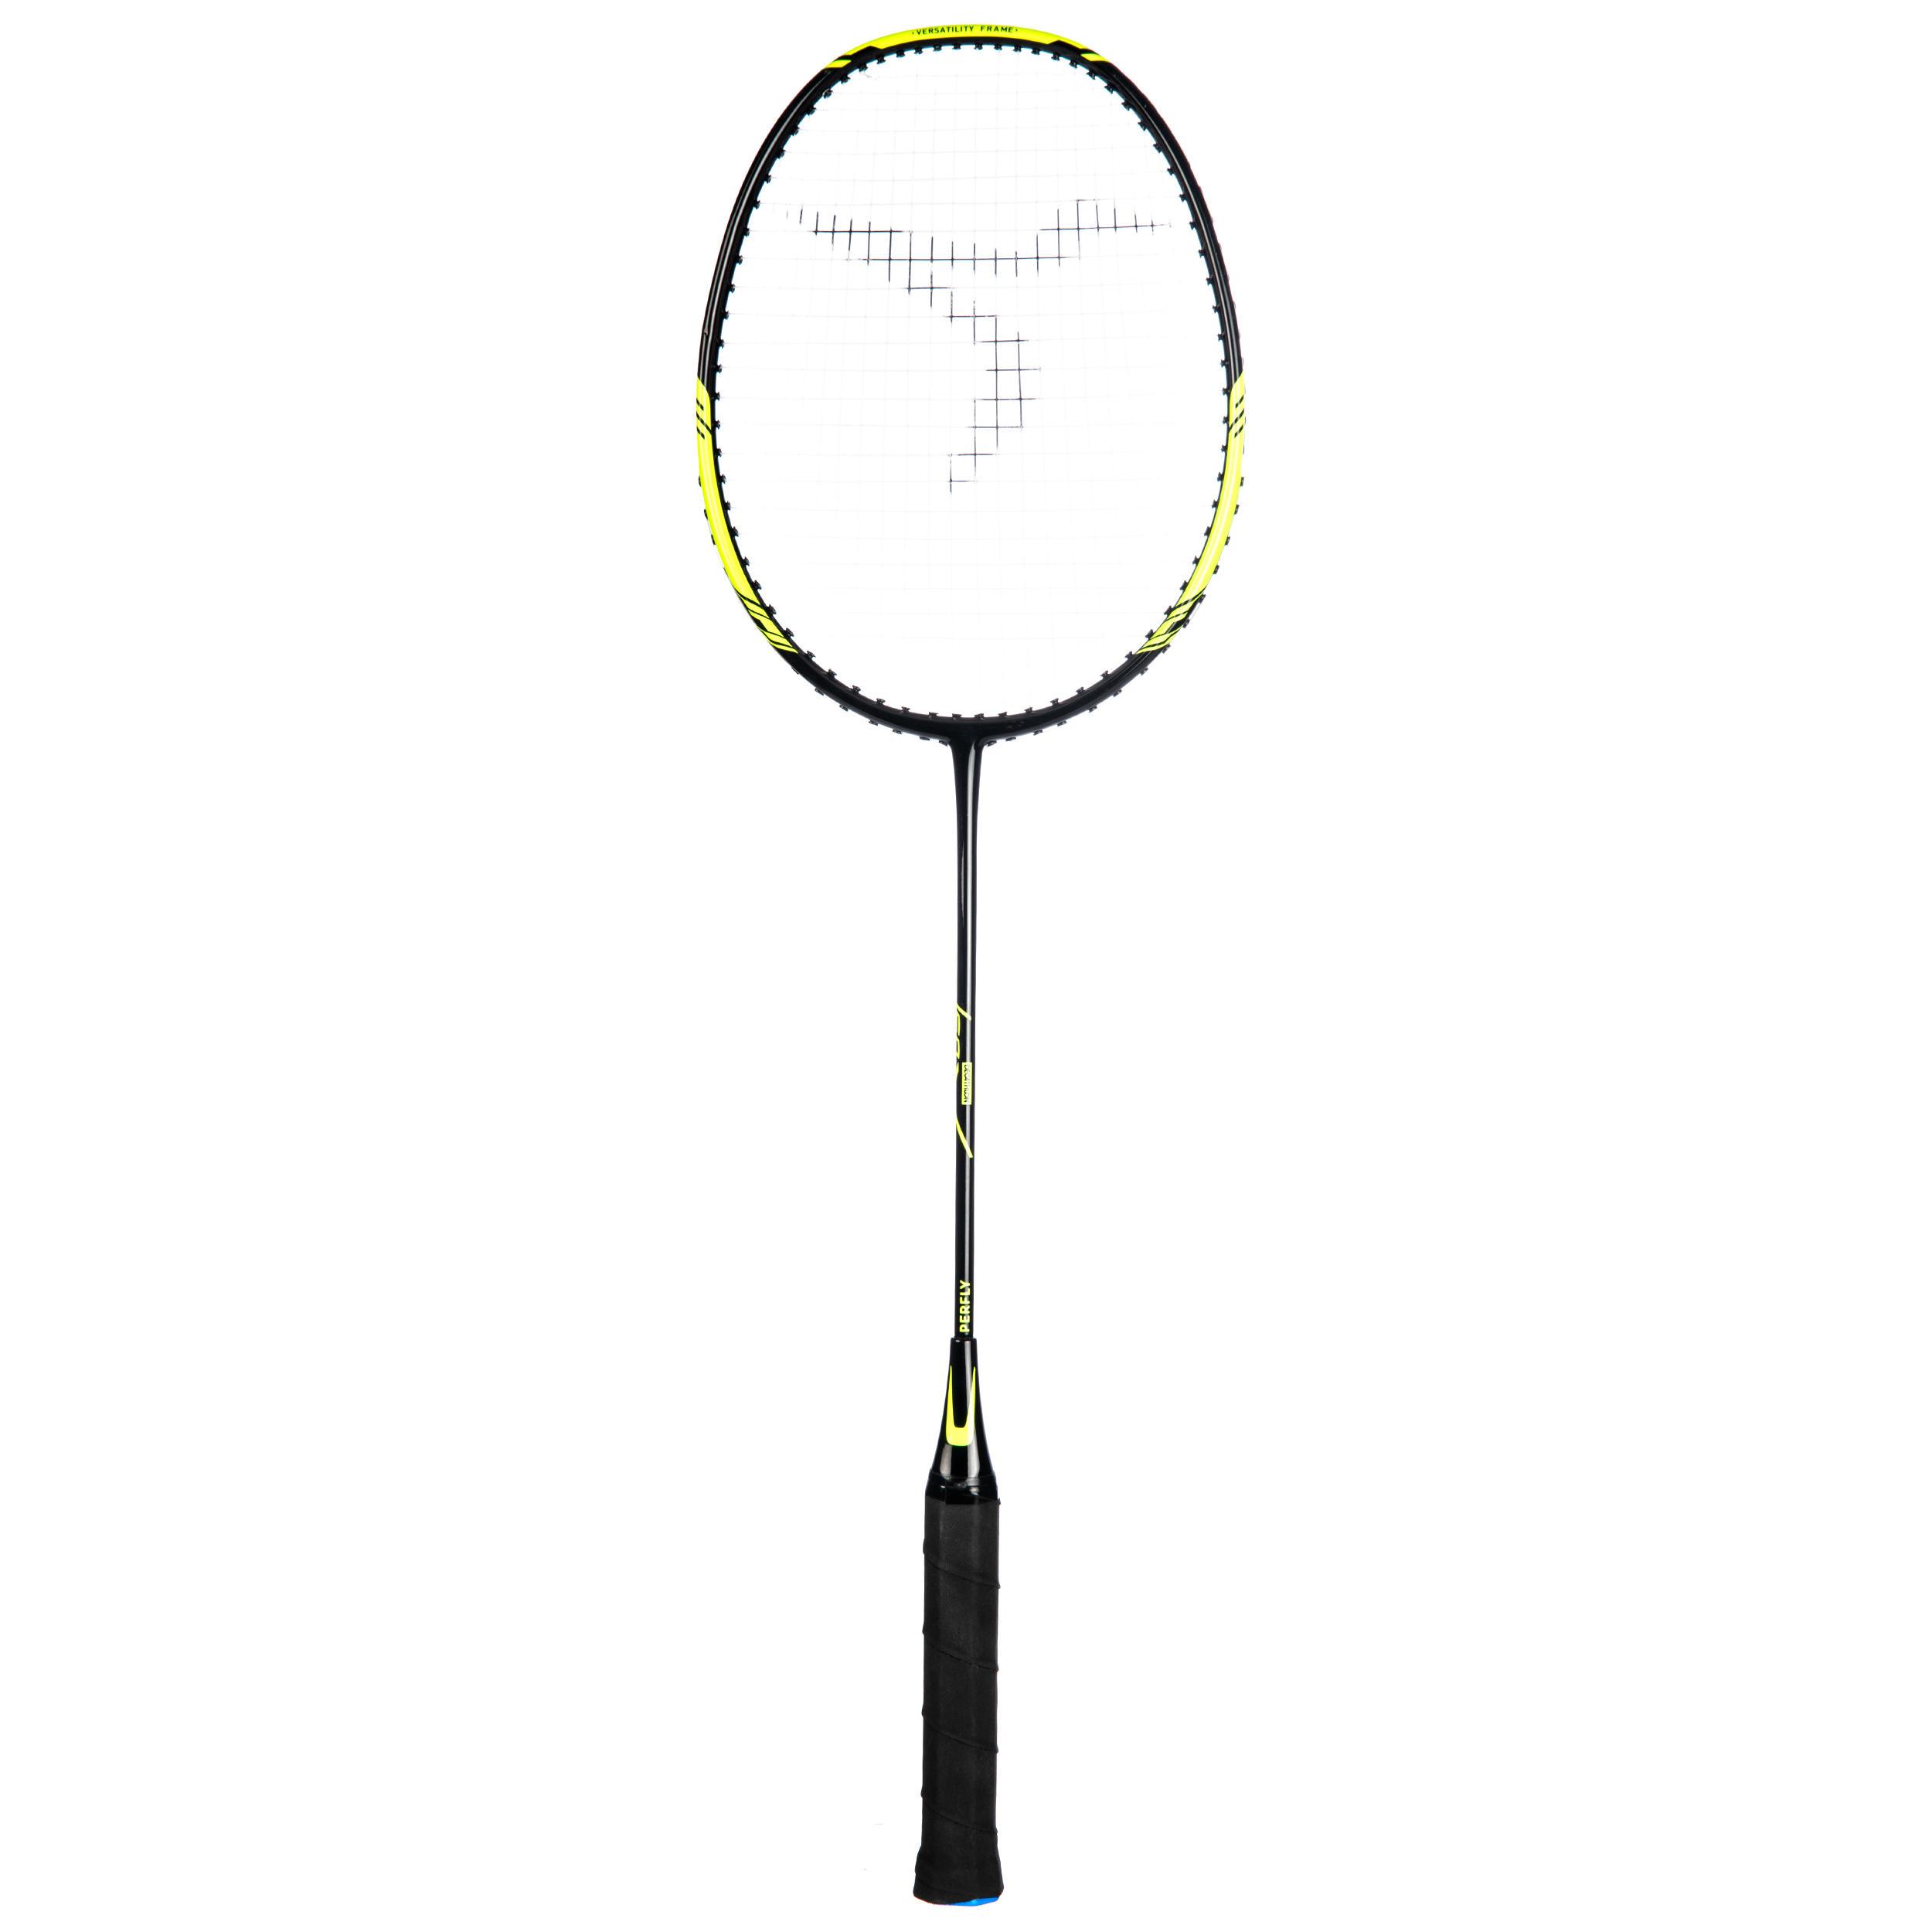 Perfly Badmintonracket voor volwassenen BR730 kopen